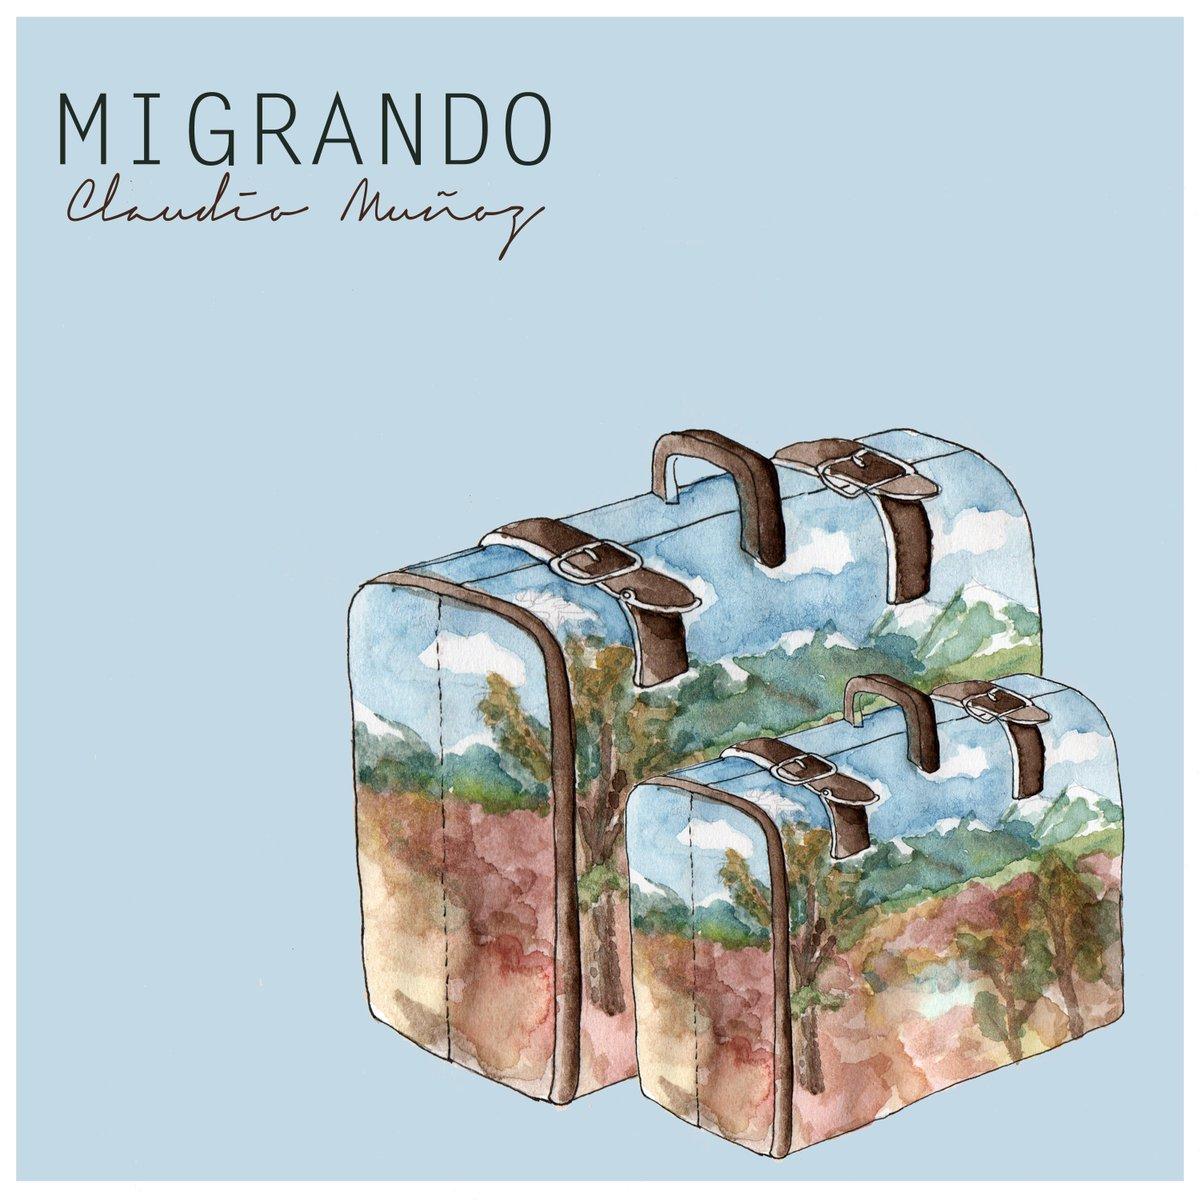 """test Twitter Media - Claudio Muñoz libera """"Migrando"""", su EP debut 💿🎶. La ópera prima del solista chileno contiene 4 canciones que reflejan su característico estilo musical y exponen el concepto de migración personal en sus letras ✍️. Escúchalo en todas las plataformas -> https://t.co/GGb4dw8y00 https://t.co/G0Y5NBSauq"""